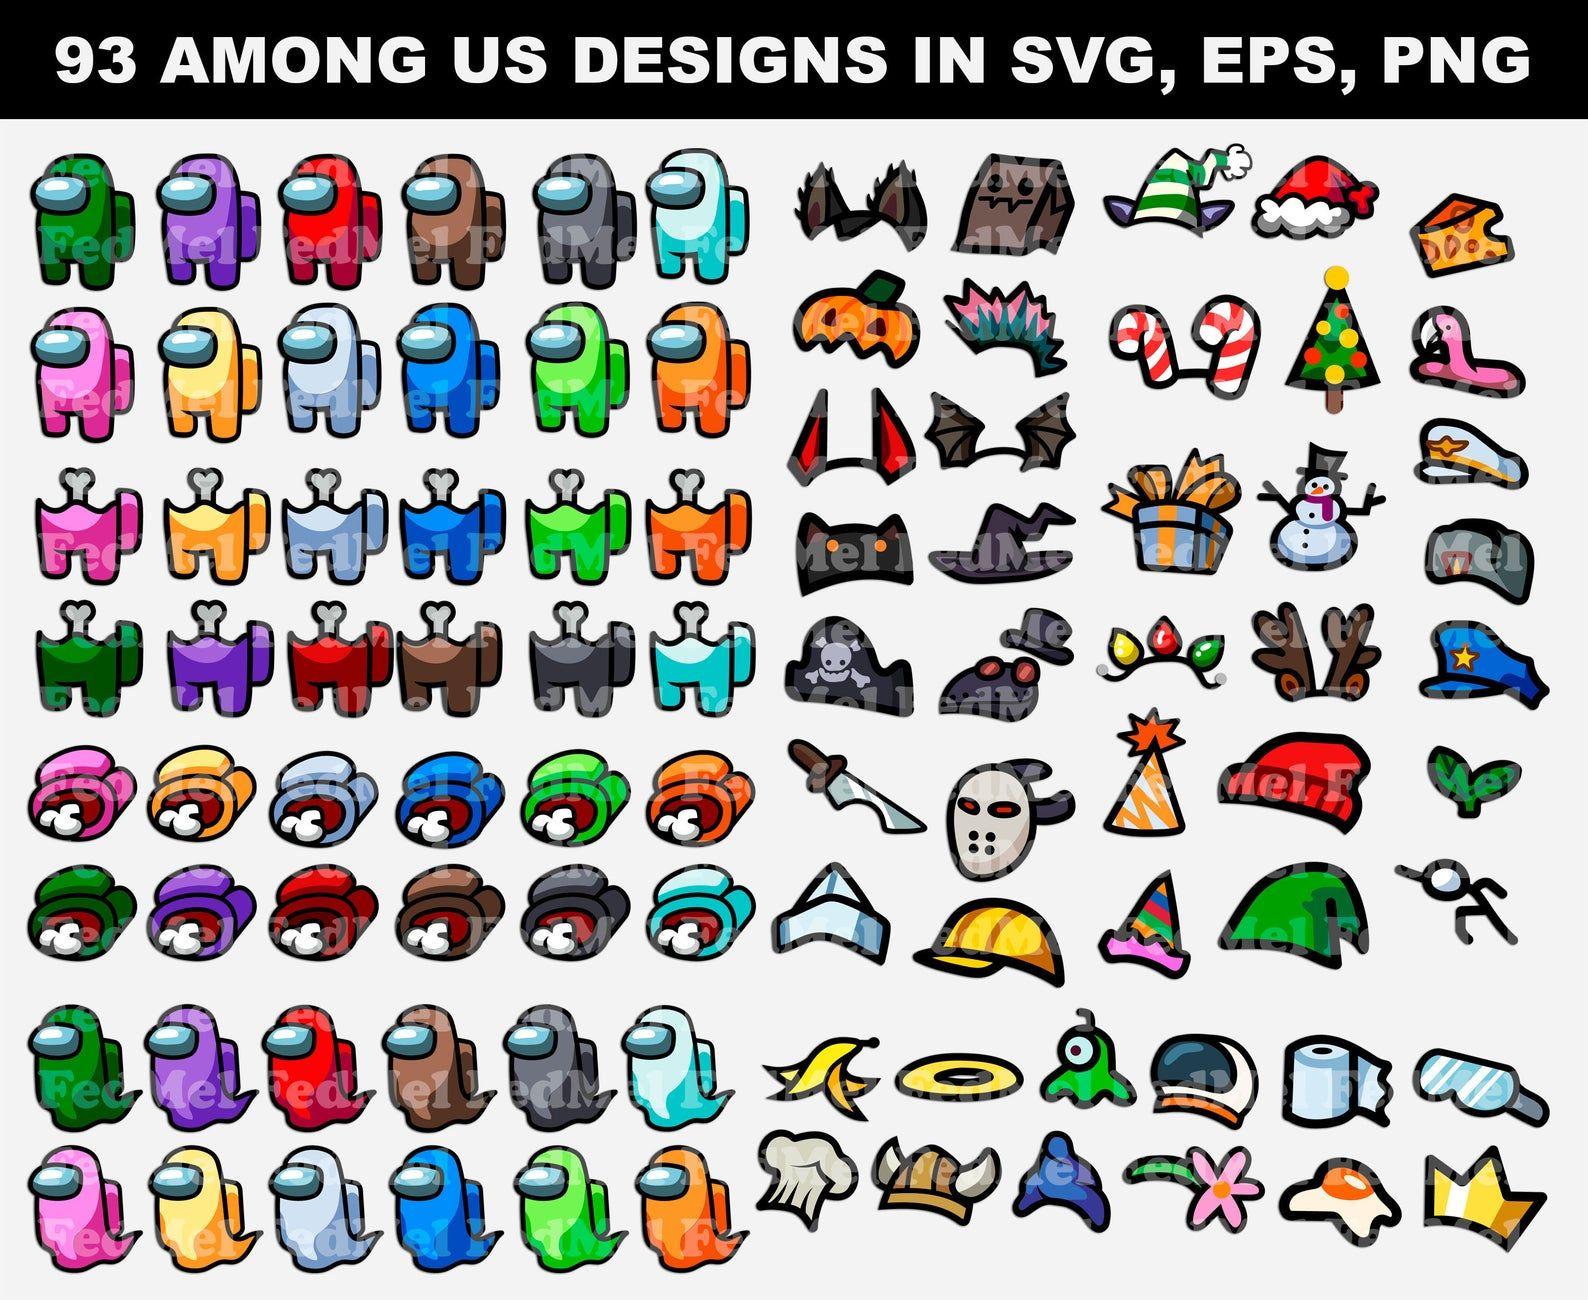 93 Gamer designs in svg, png, eps formats